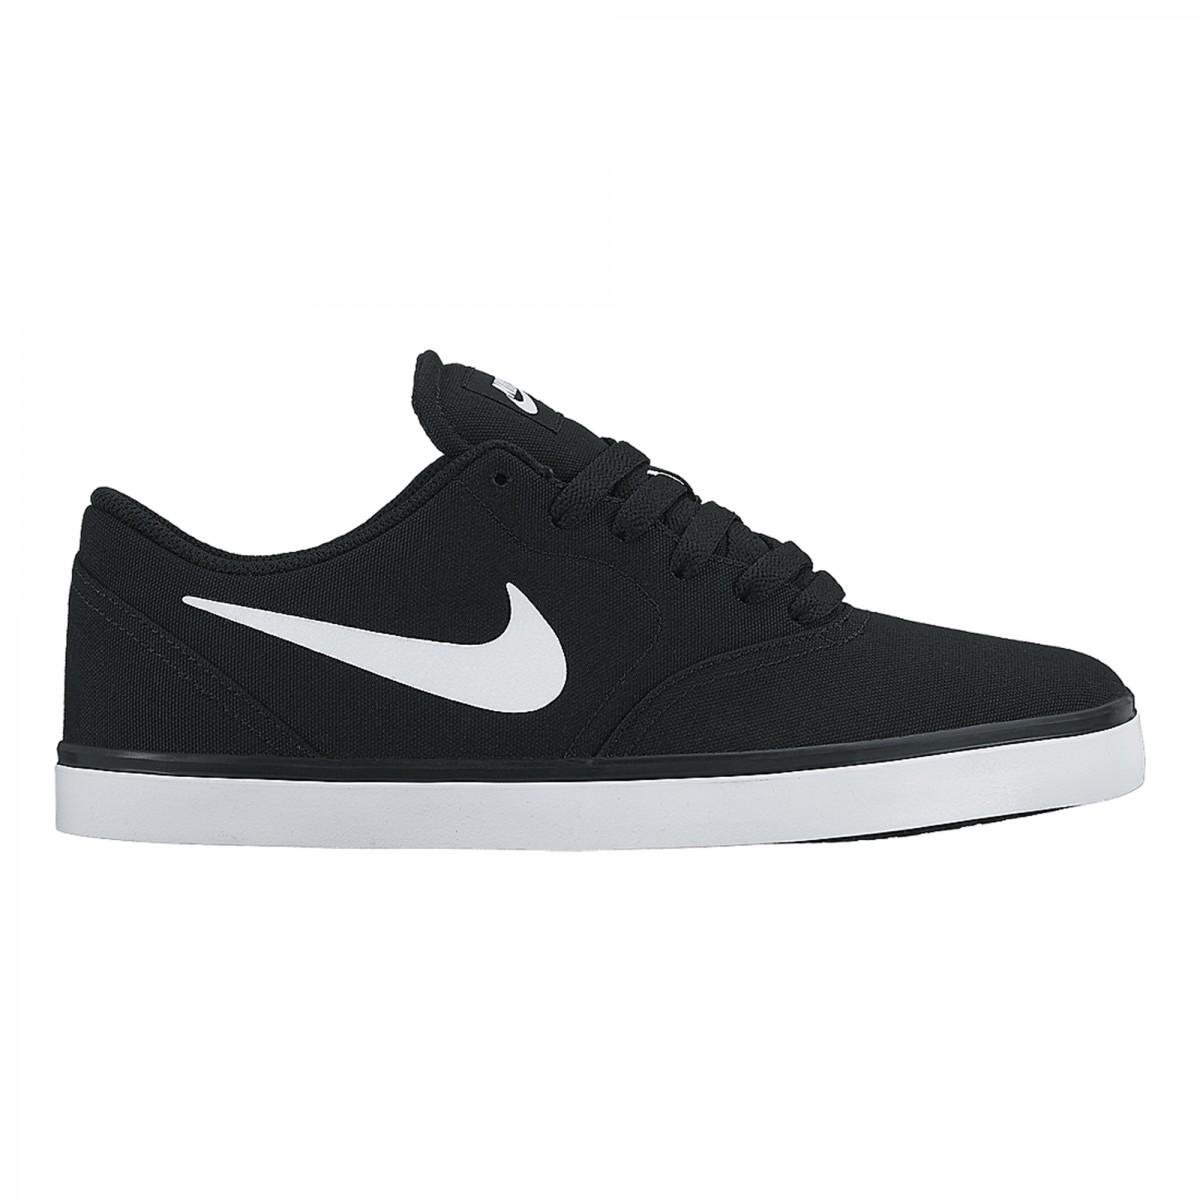 ad8fa7970e Bizz Store - Tênis Masculino Nike SB Check Canvas Skate Preto